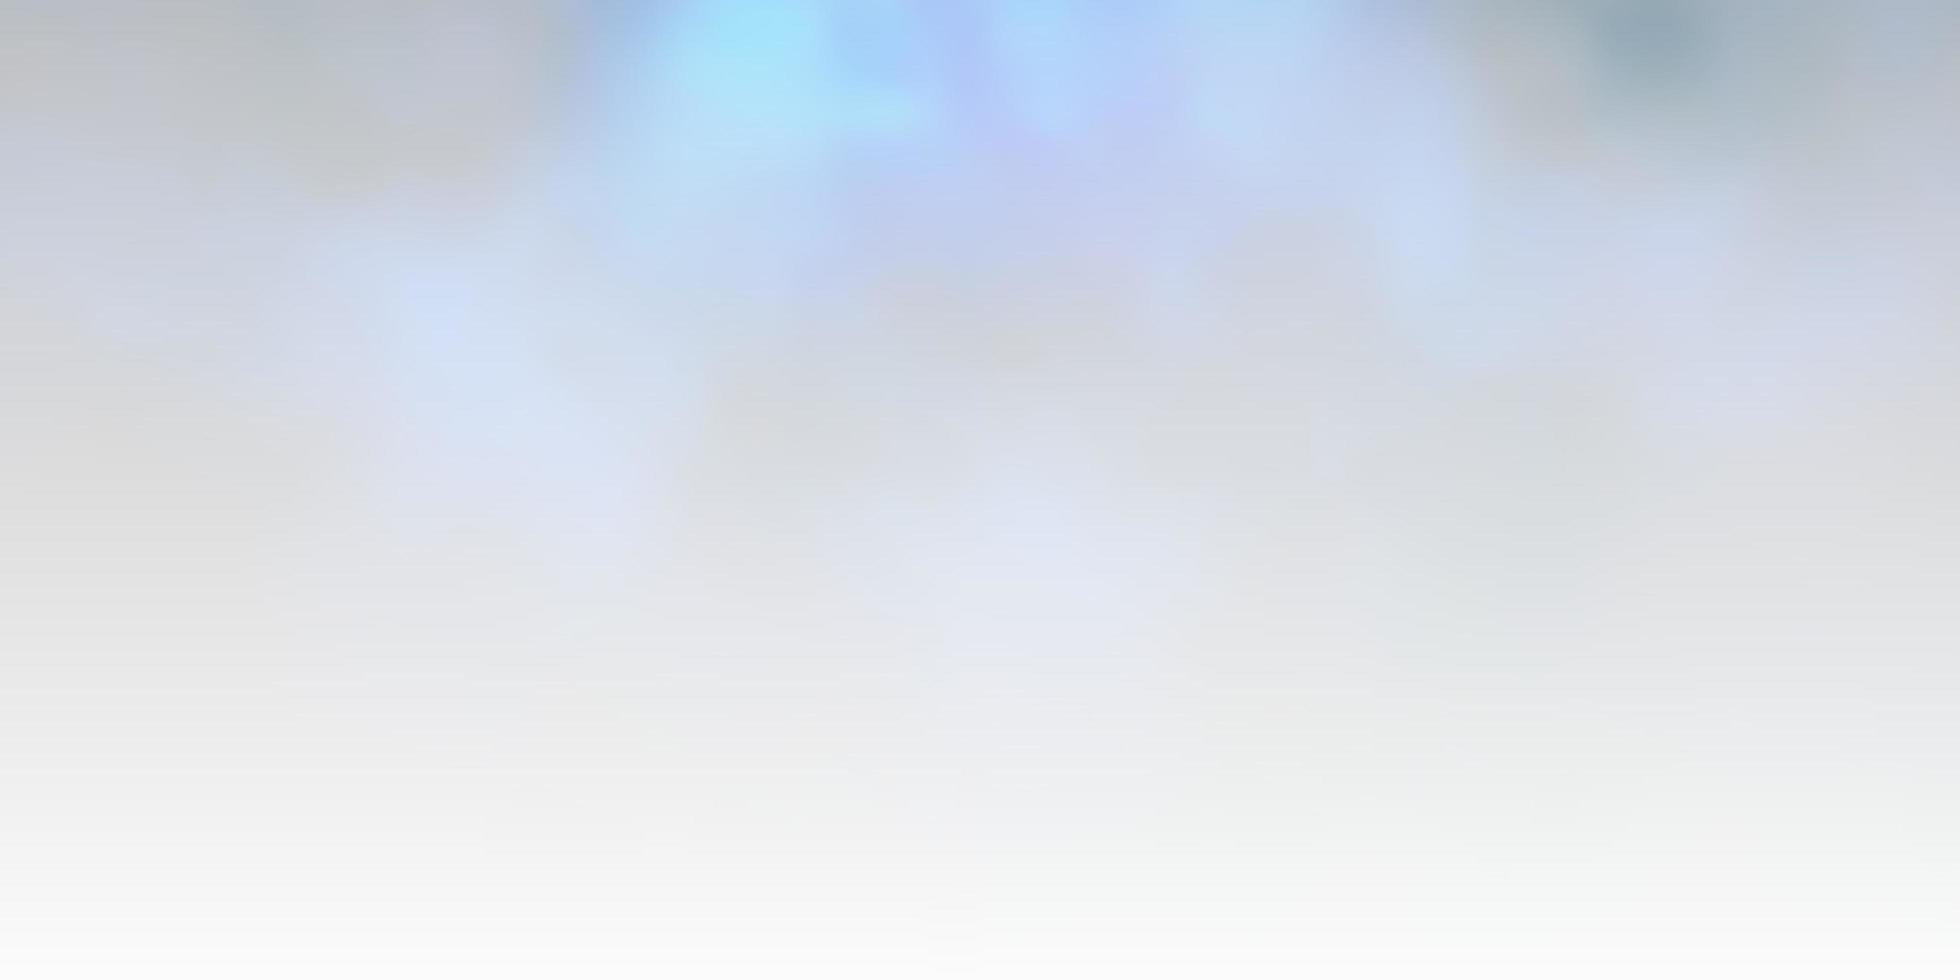 mörkblå vektormönster med moln. vektor